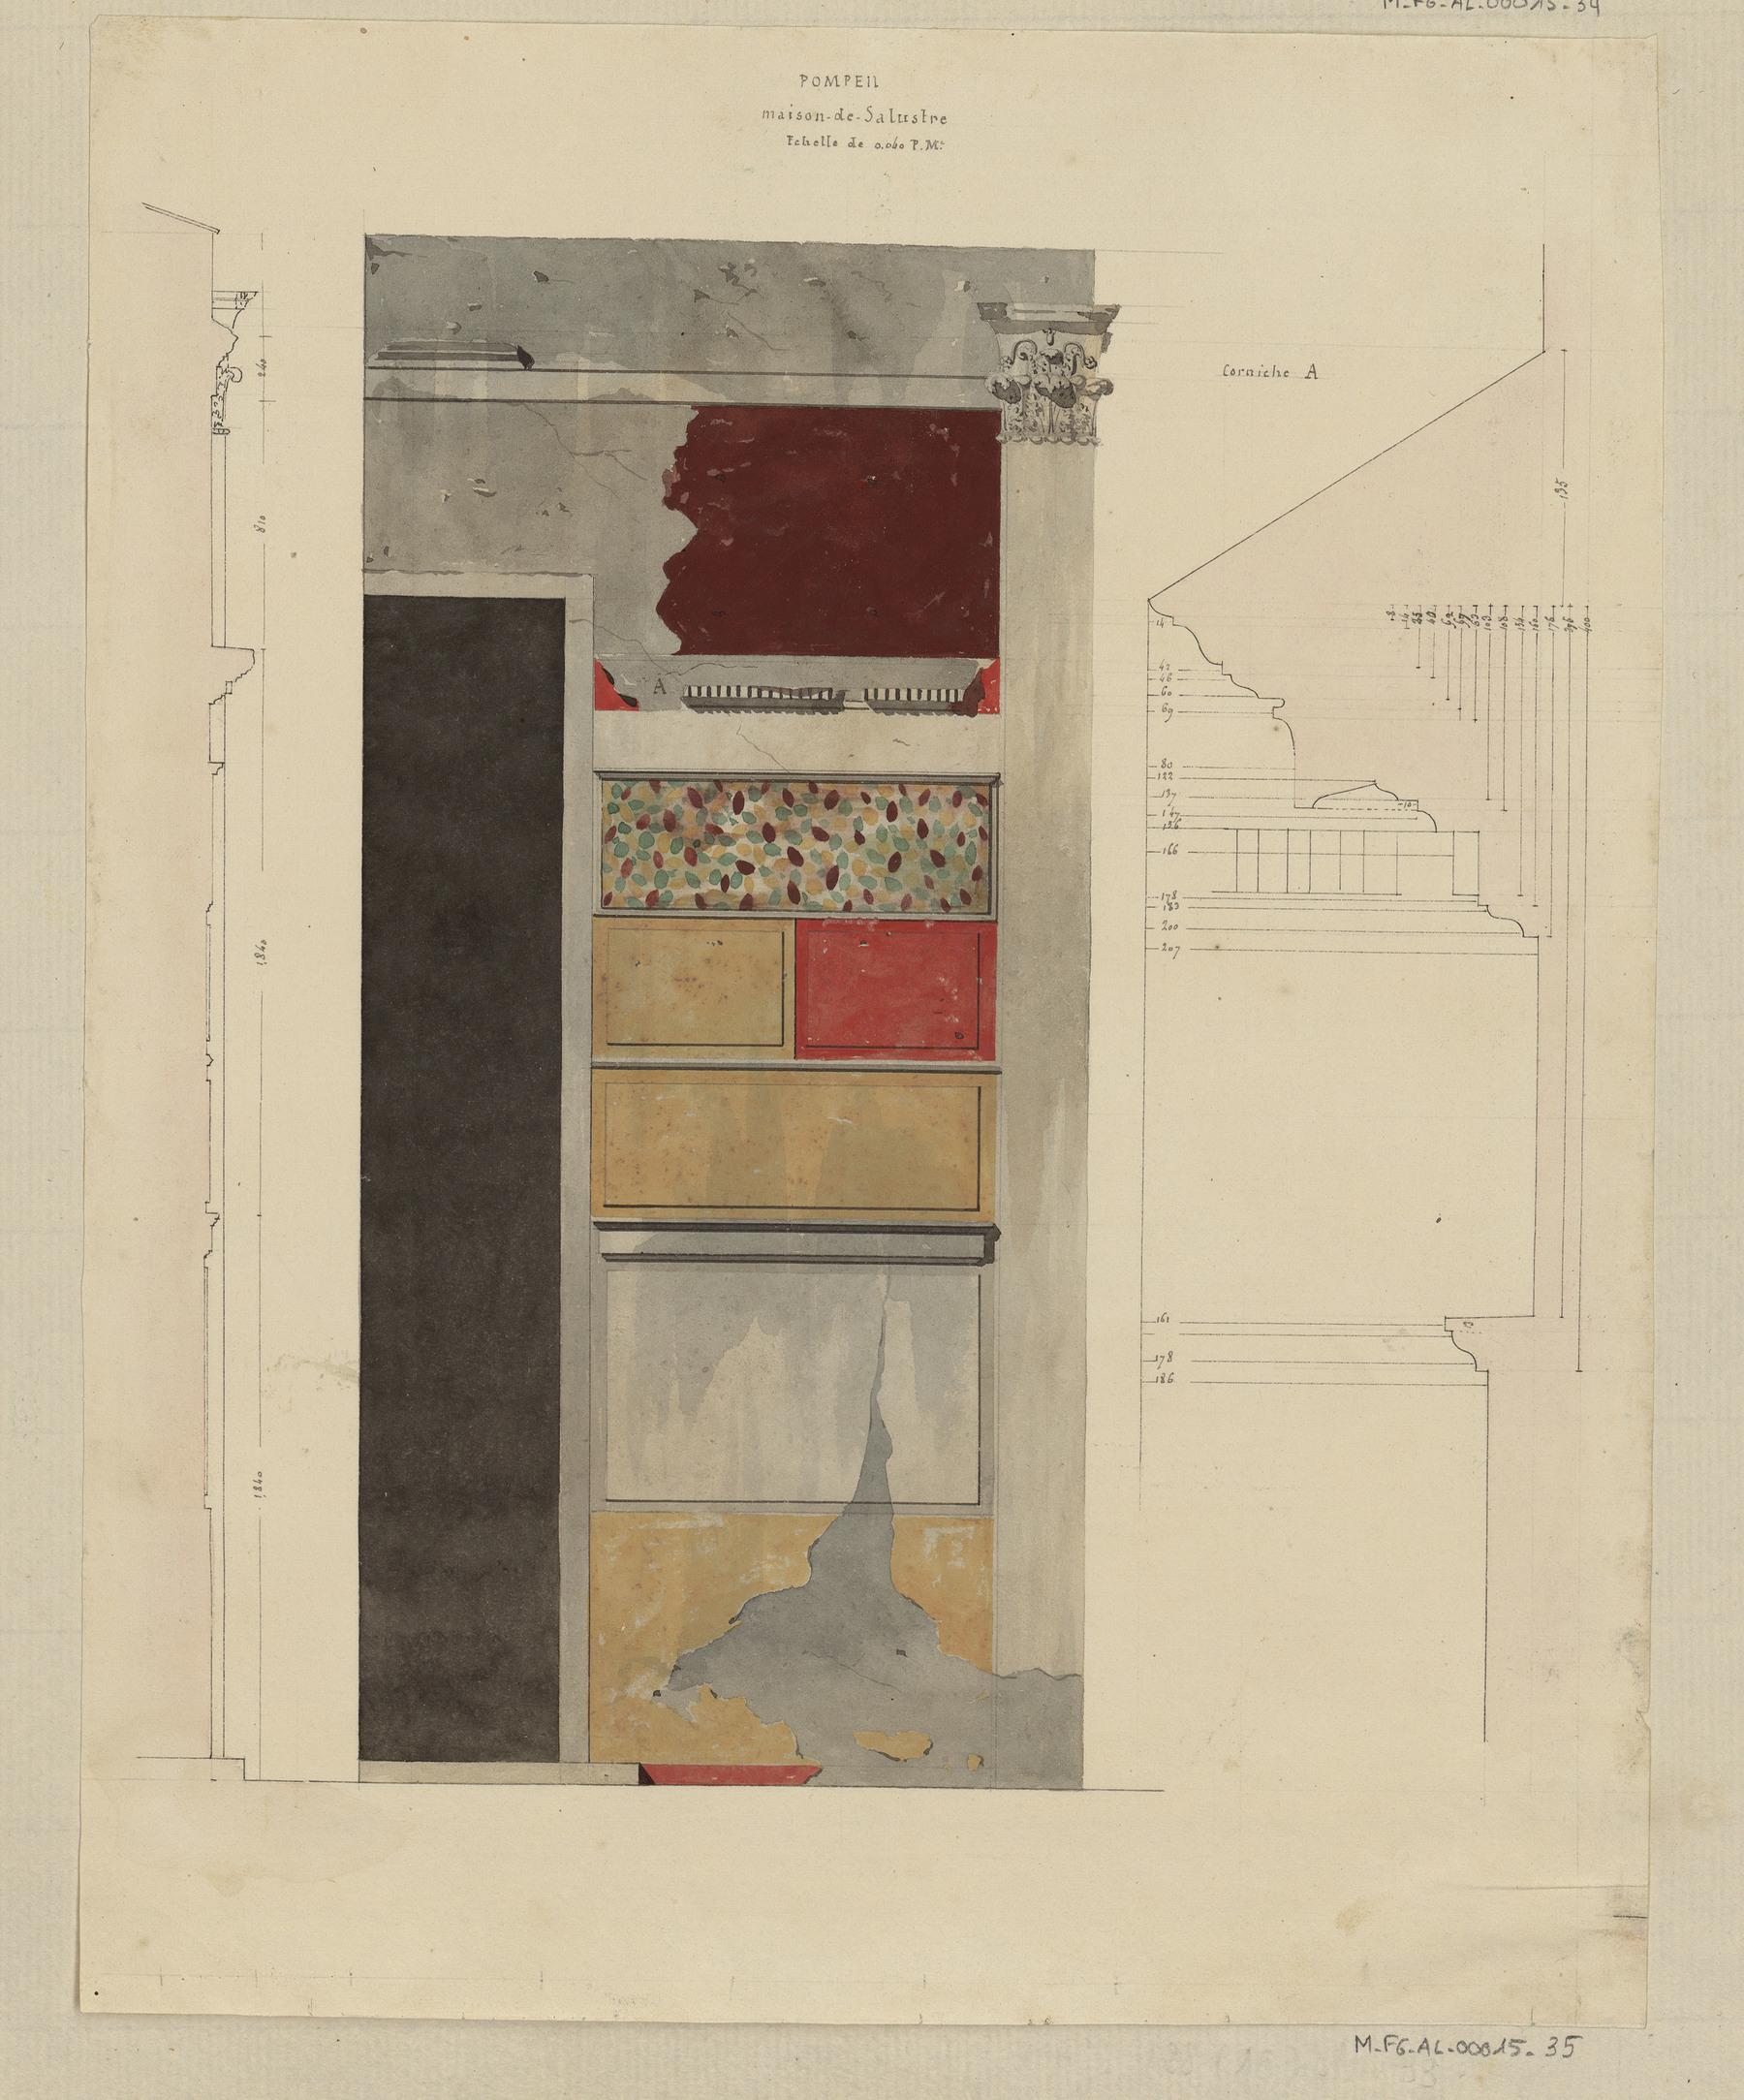 Contenu du Pompéi, maison de Salustre